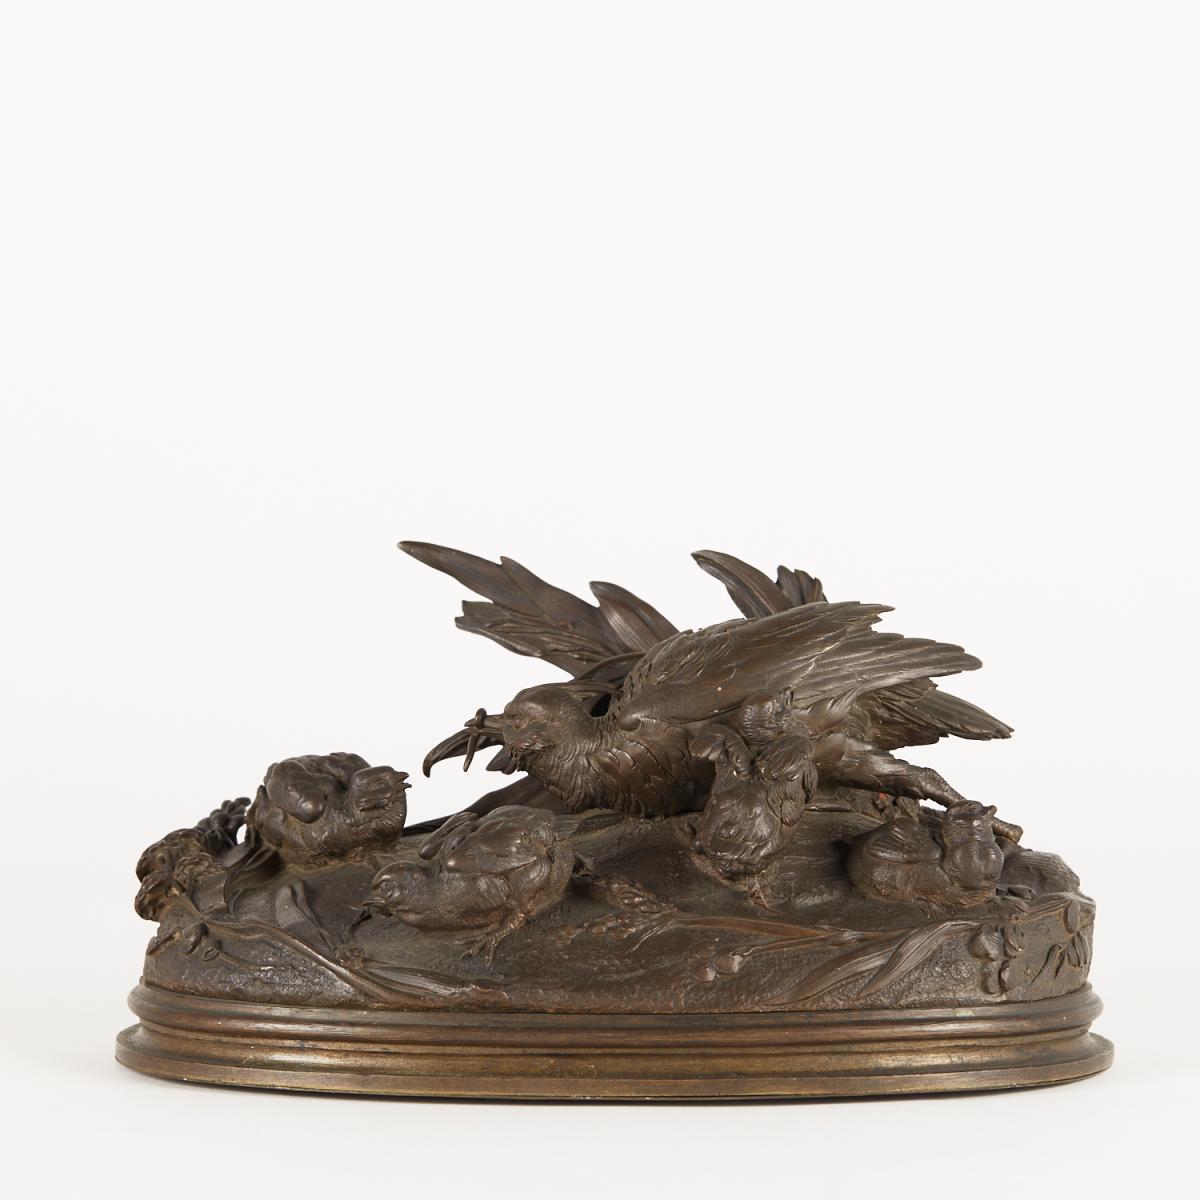 Sculpture animalière en bronze, perdrix, XIXe